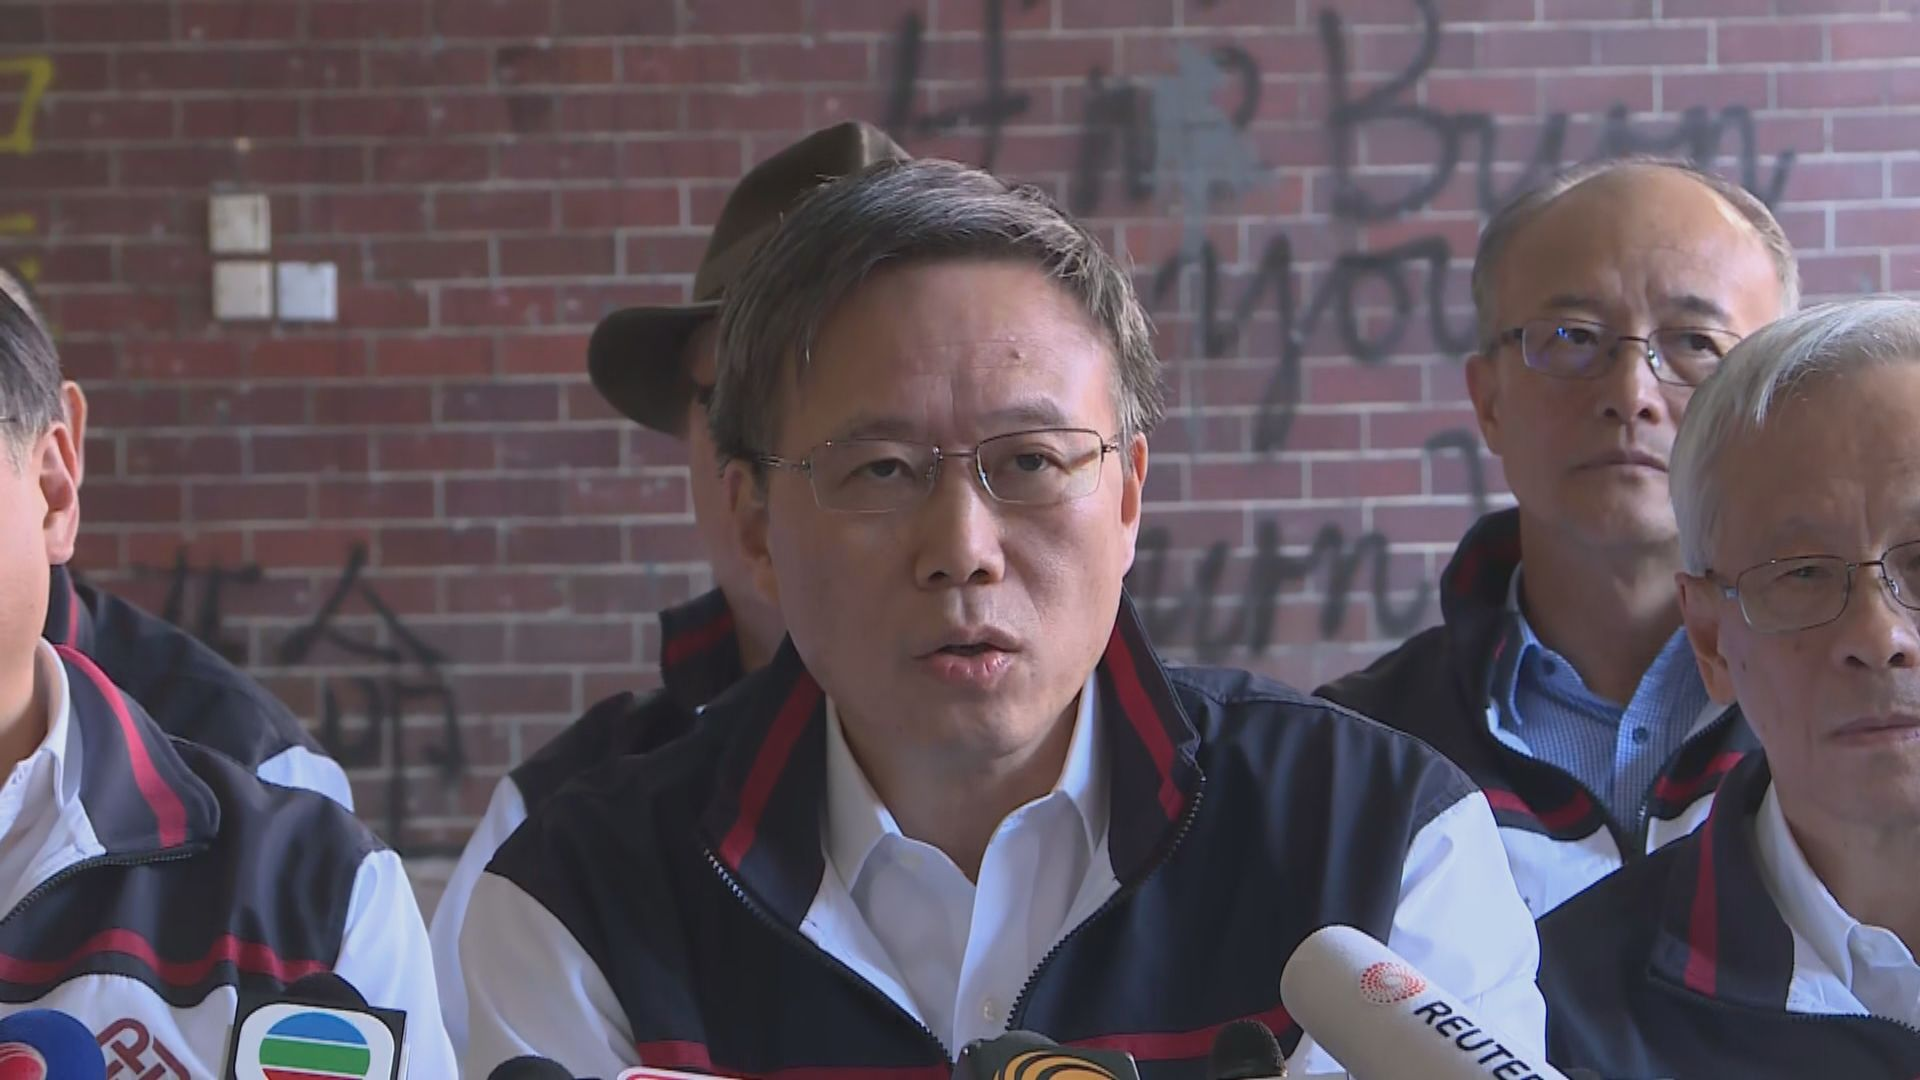 【最新】滕錦光:理大是今次政治事件的最大受害者